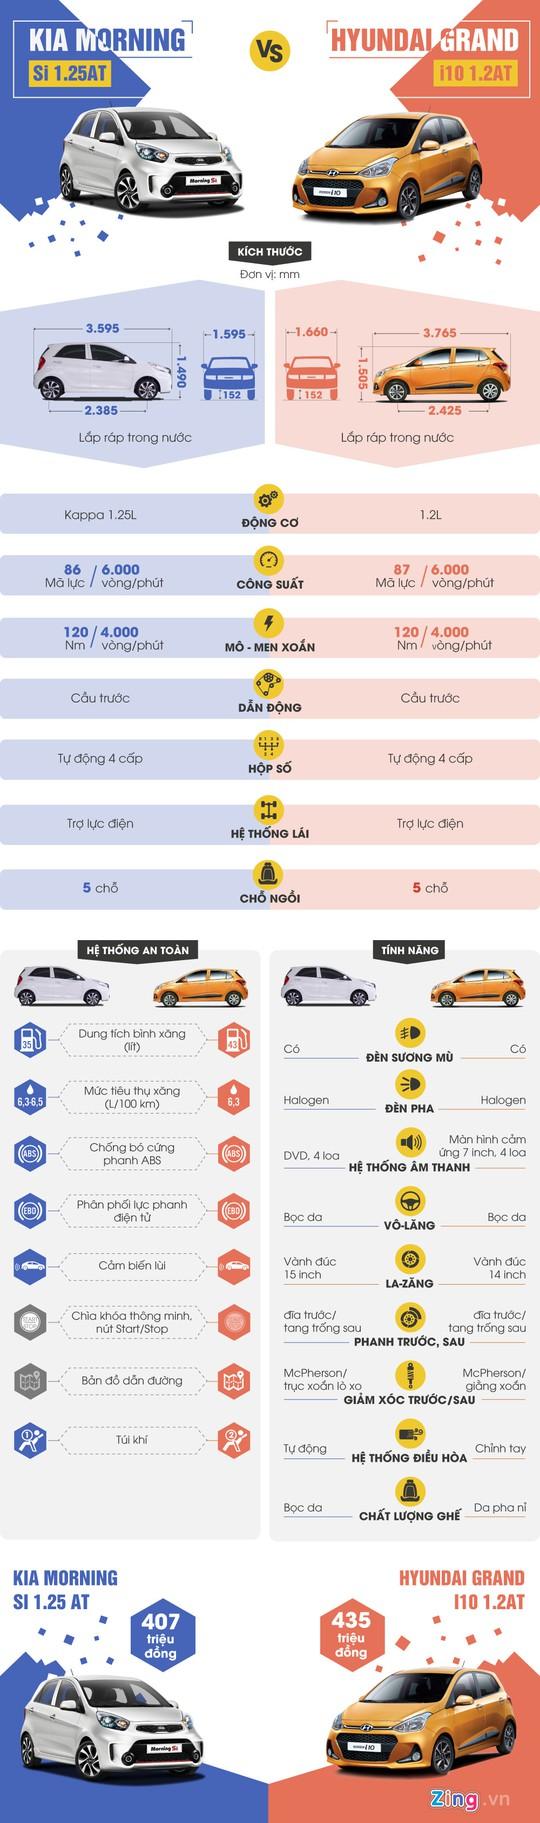 So sánh Kia Morning và Hyundai Grand i10 lắp ráp ở Việt Nam - Ảnh 1.